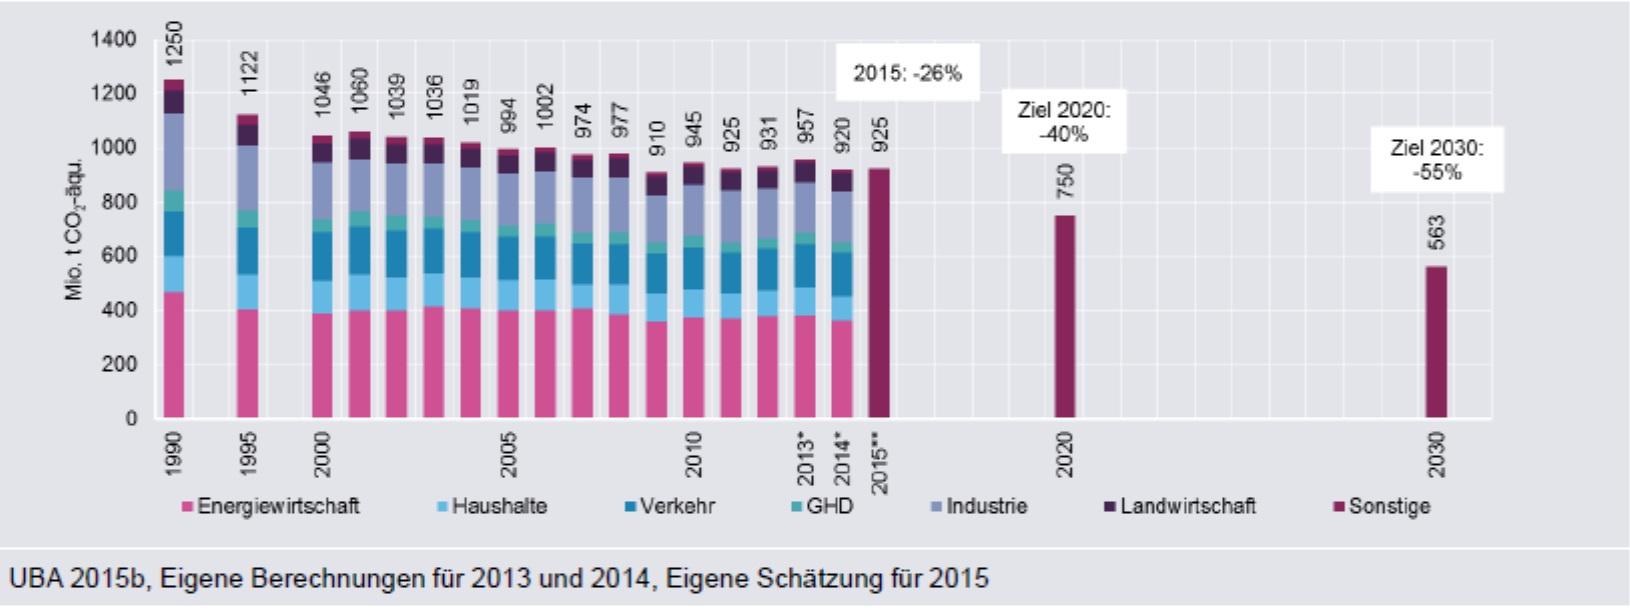 Úspěšnost Energiewende z pohledu emisí oxidu uhličitého. Od jejího začátku v roce 2000 za patnáct let se podařilo emise oxidu uhličitého snížit pouze o 13 %. To znamená, že ročně se snižovalo průměrně o méně než 1 %. Pro sro